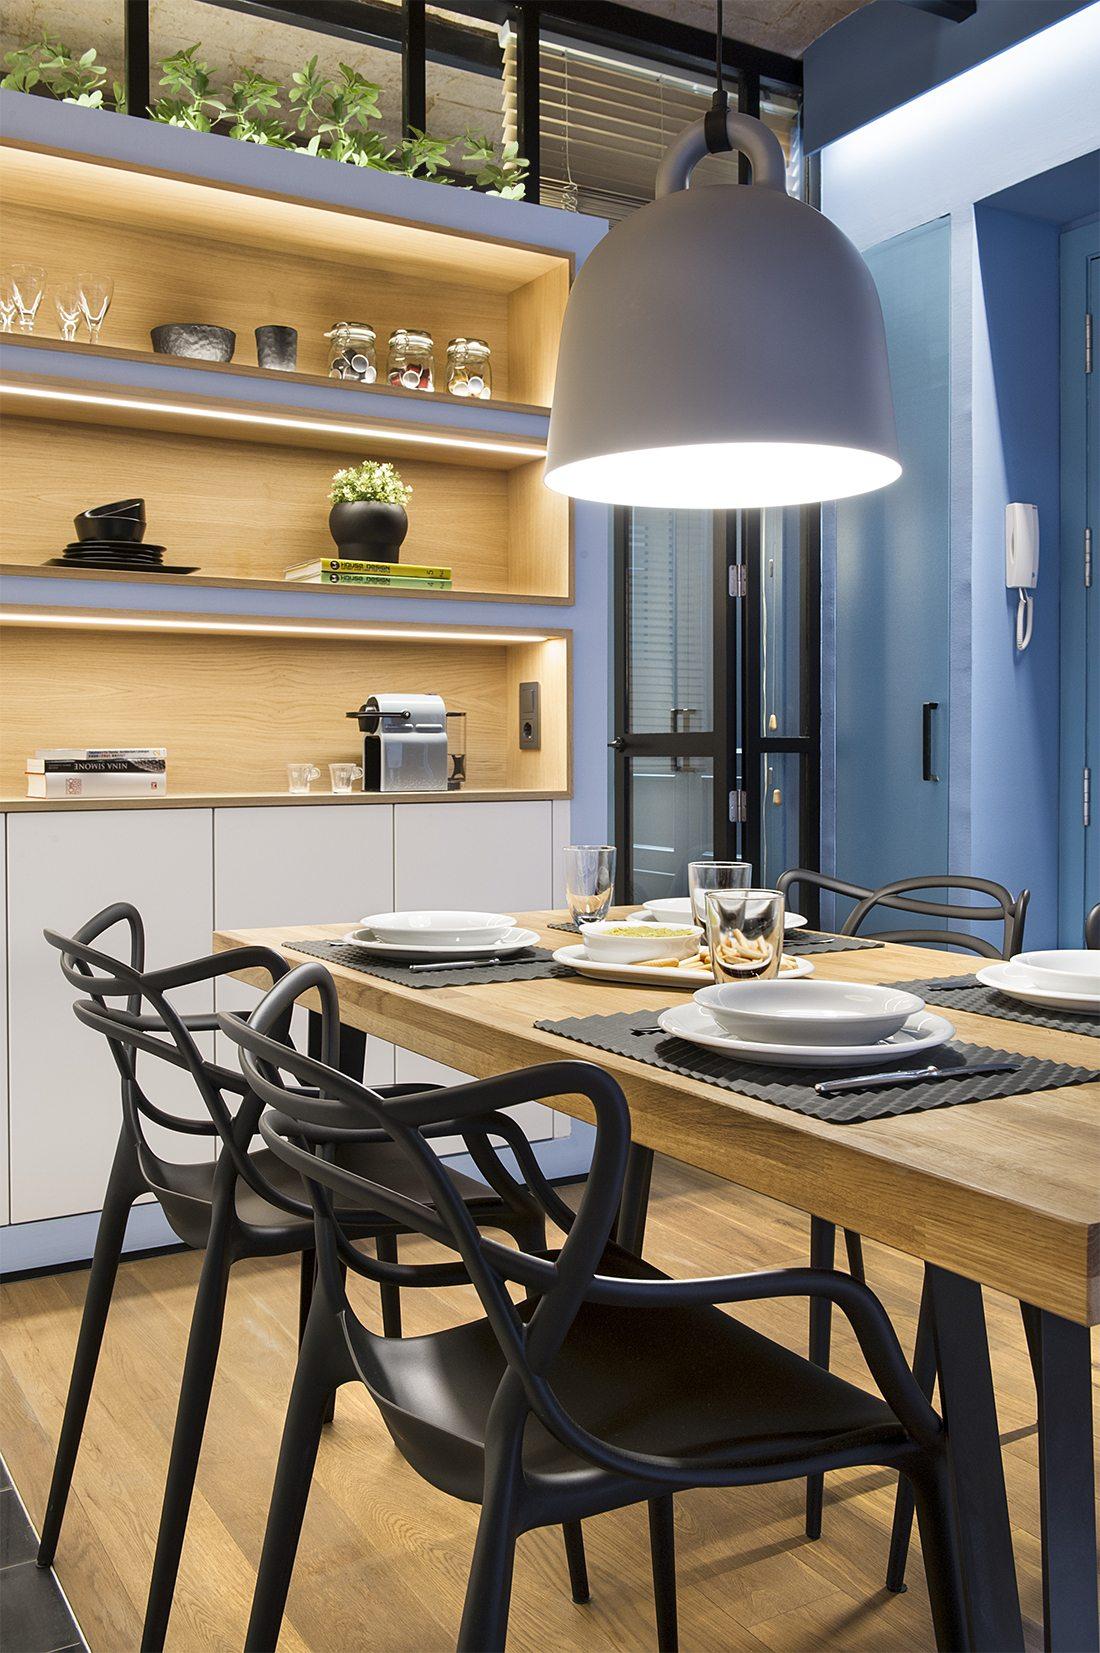 Mooi appartement met een strand thema inrichting for Grote hanglamp eettafel